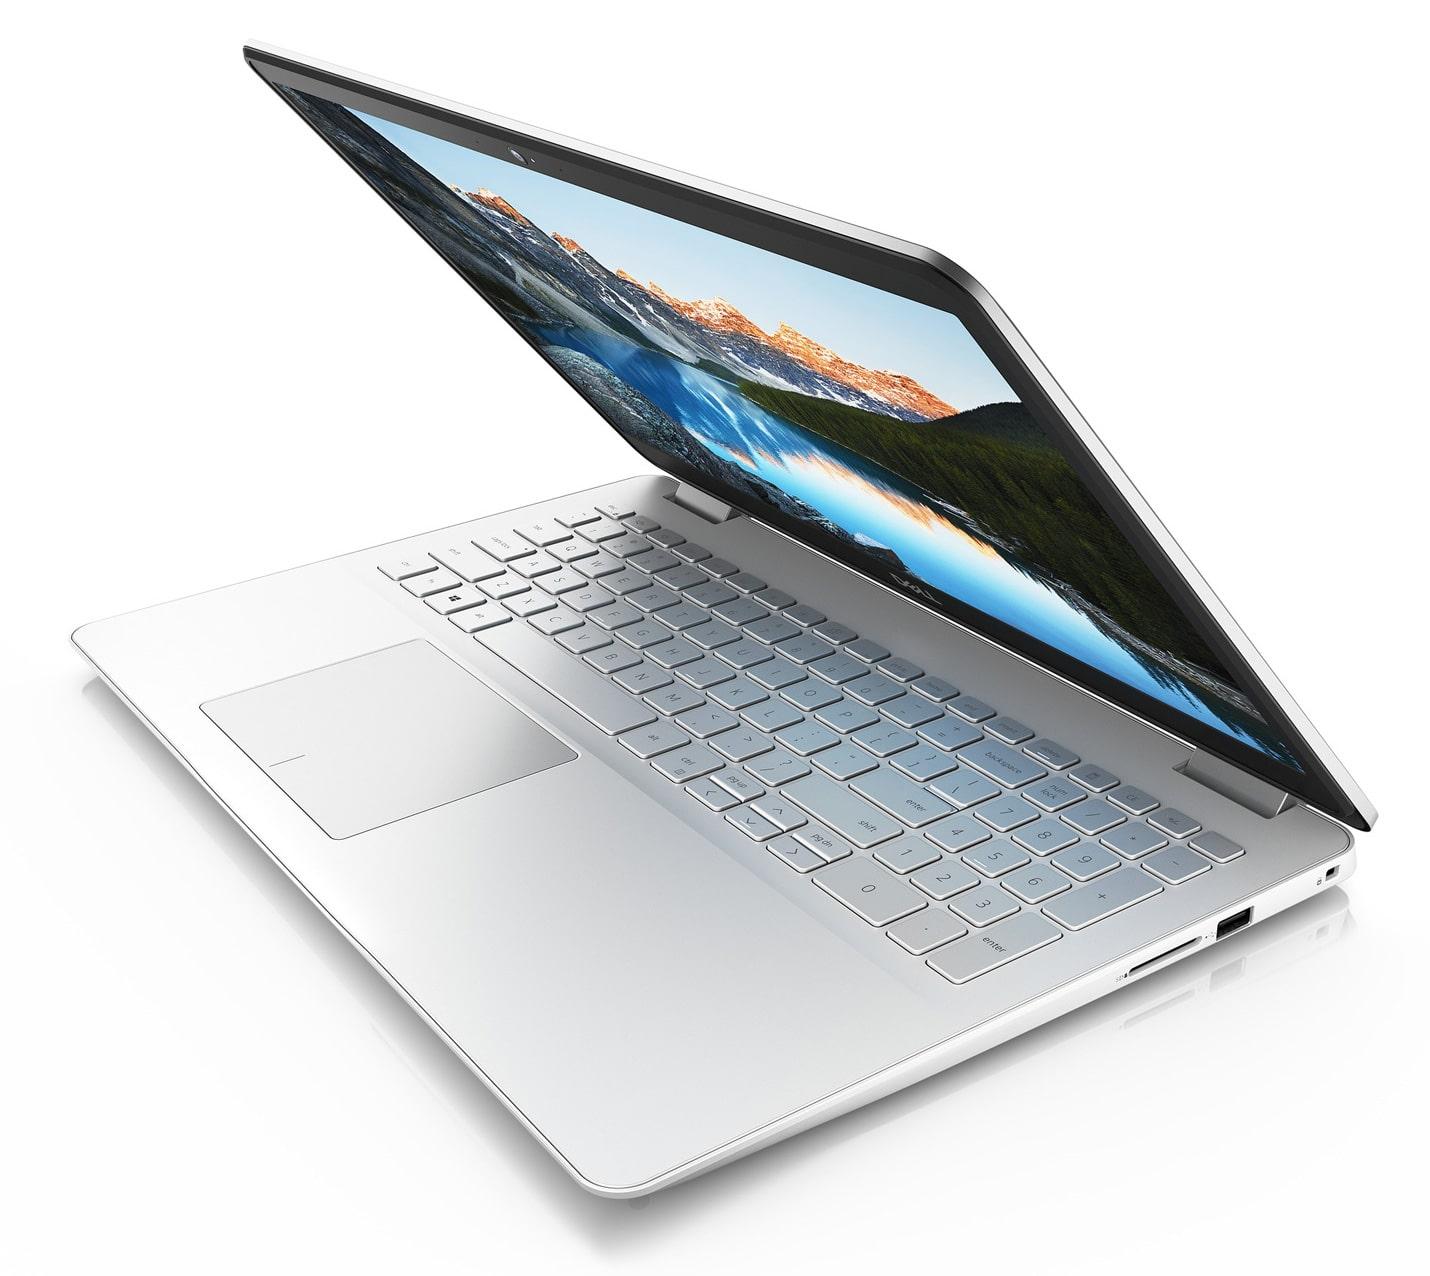 Revue de presse des tests publiés sur le Web (Dell Inspiron 15 5584)